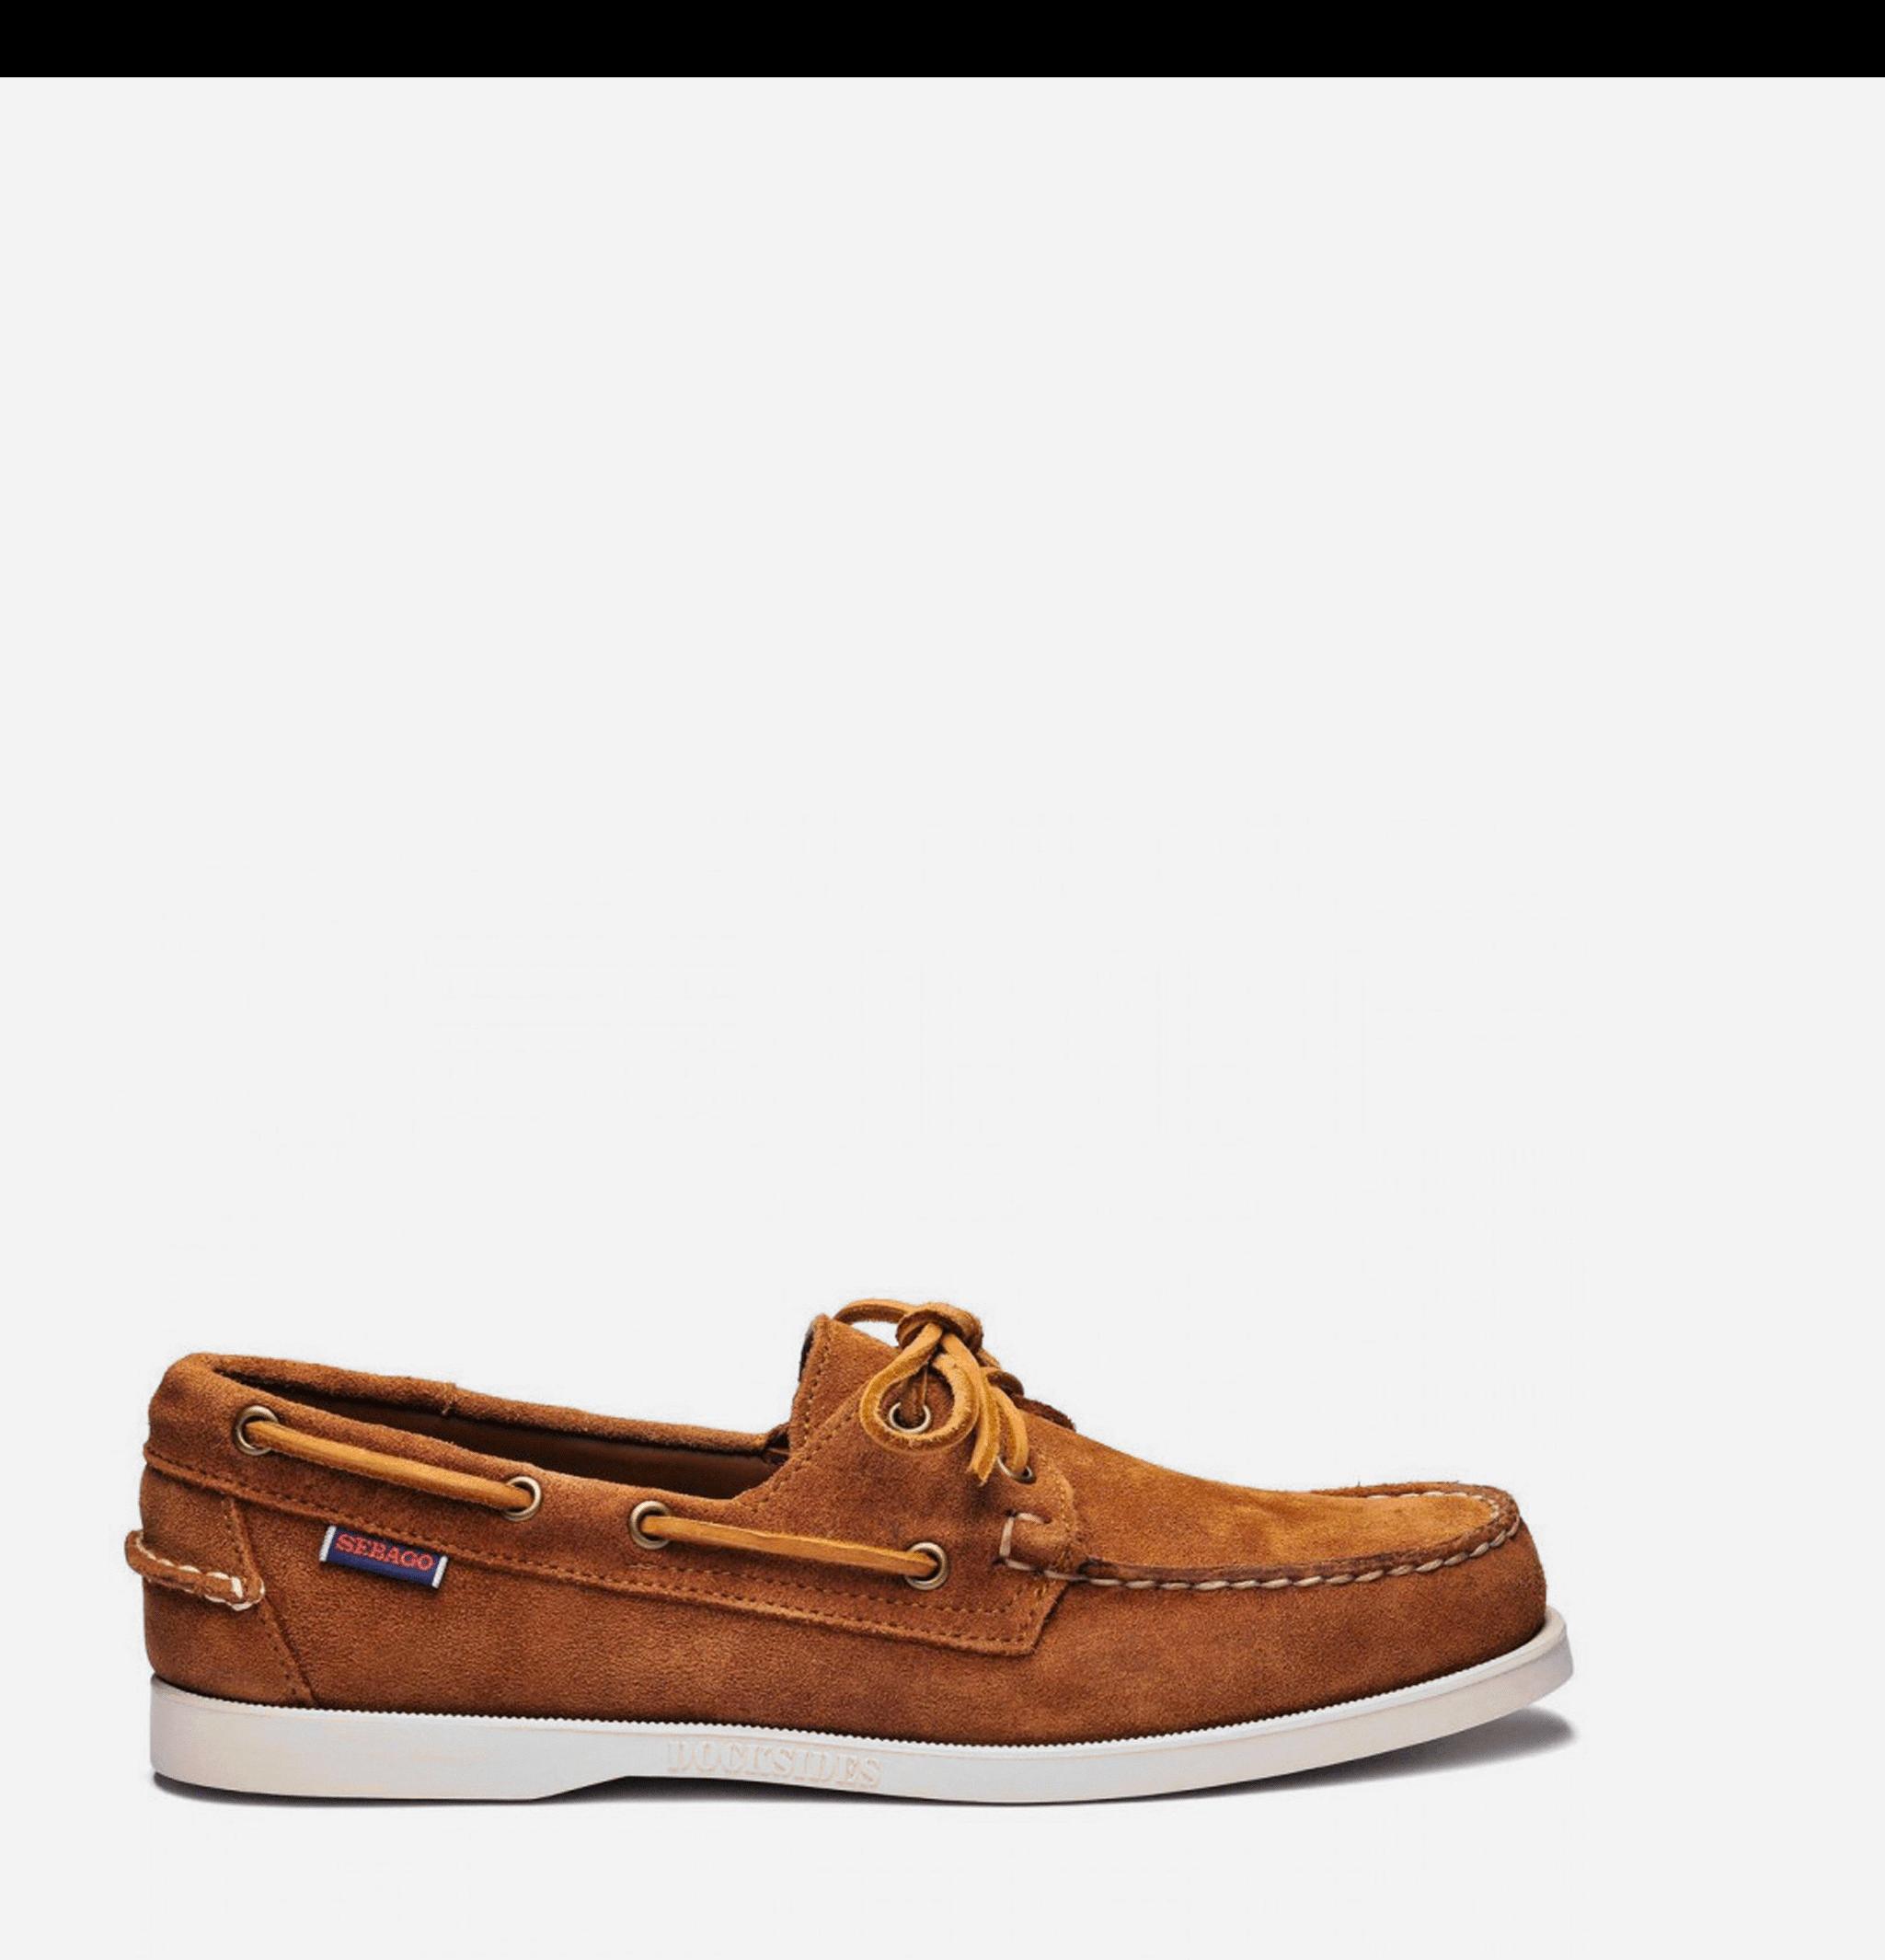 Docksides Shoes Cognac